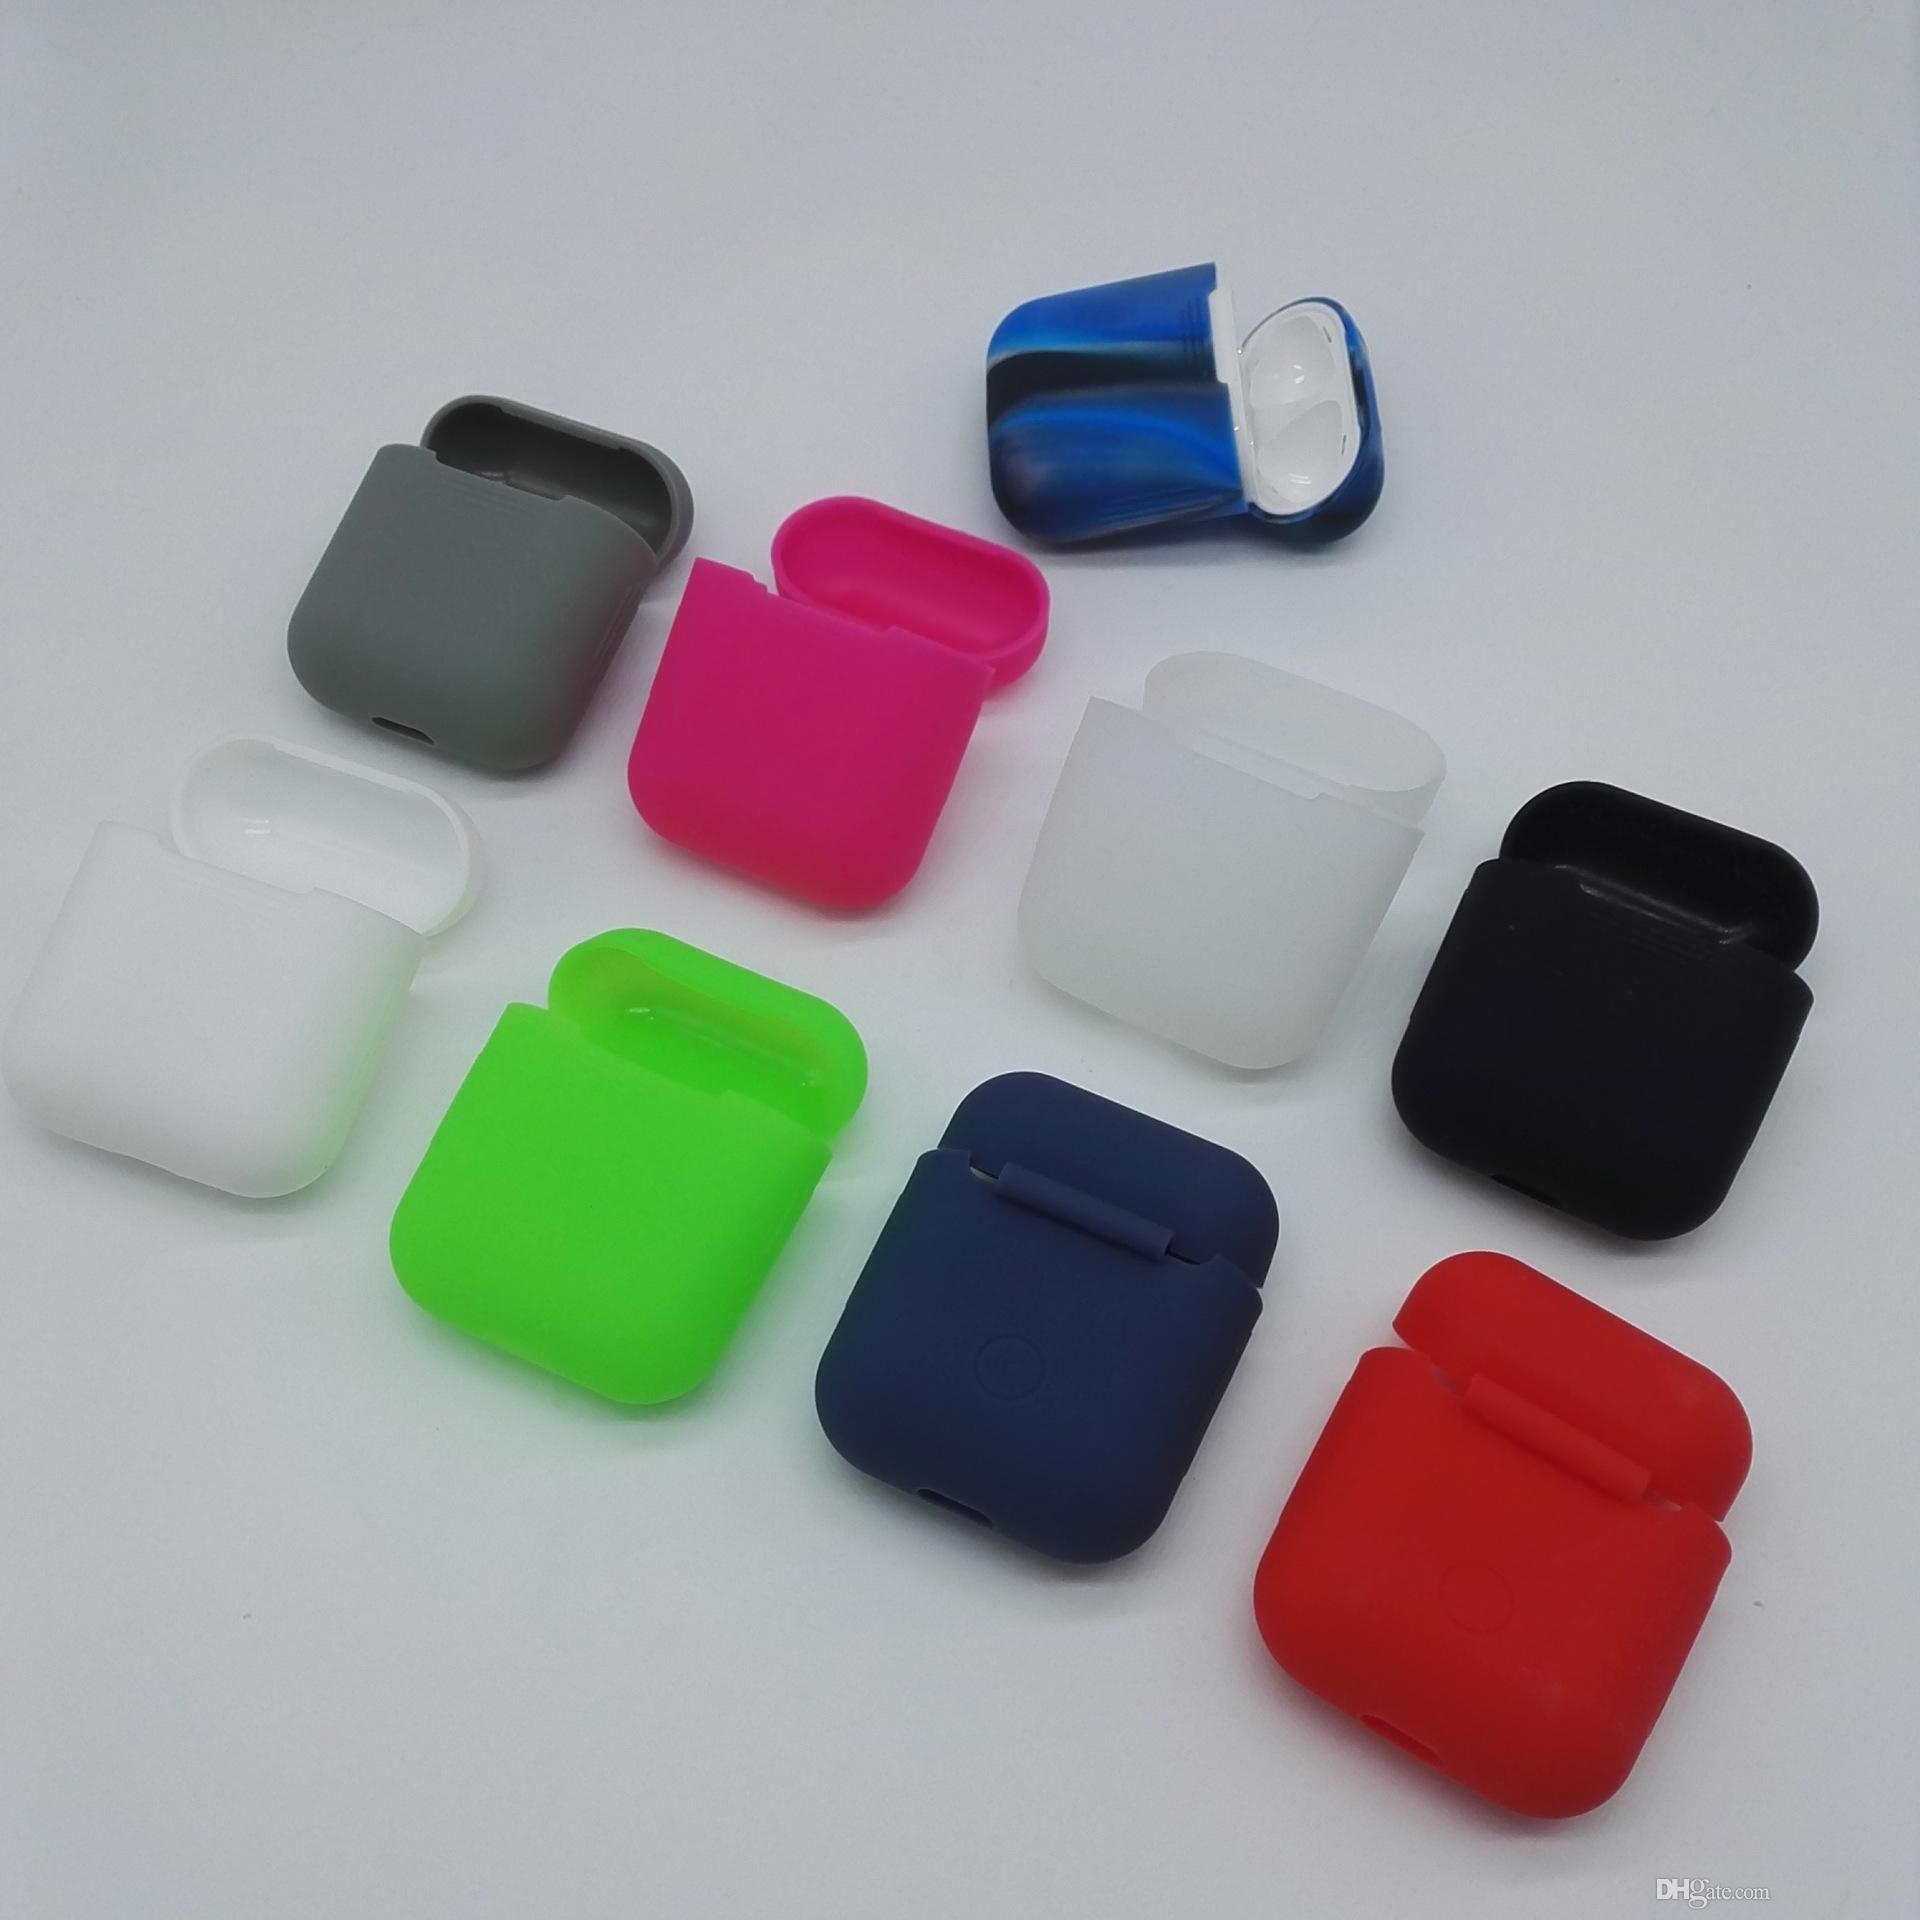 ملون سيليكون حالة الغطاء الواقي ل Airpods فون iPhone 7 التوائم صحيح سماعة لاسلكية سيليكون Airpod حقيبة واقية القضية